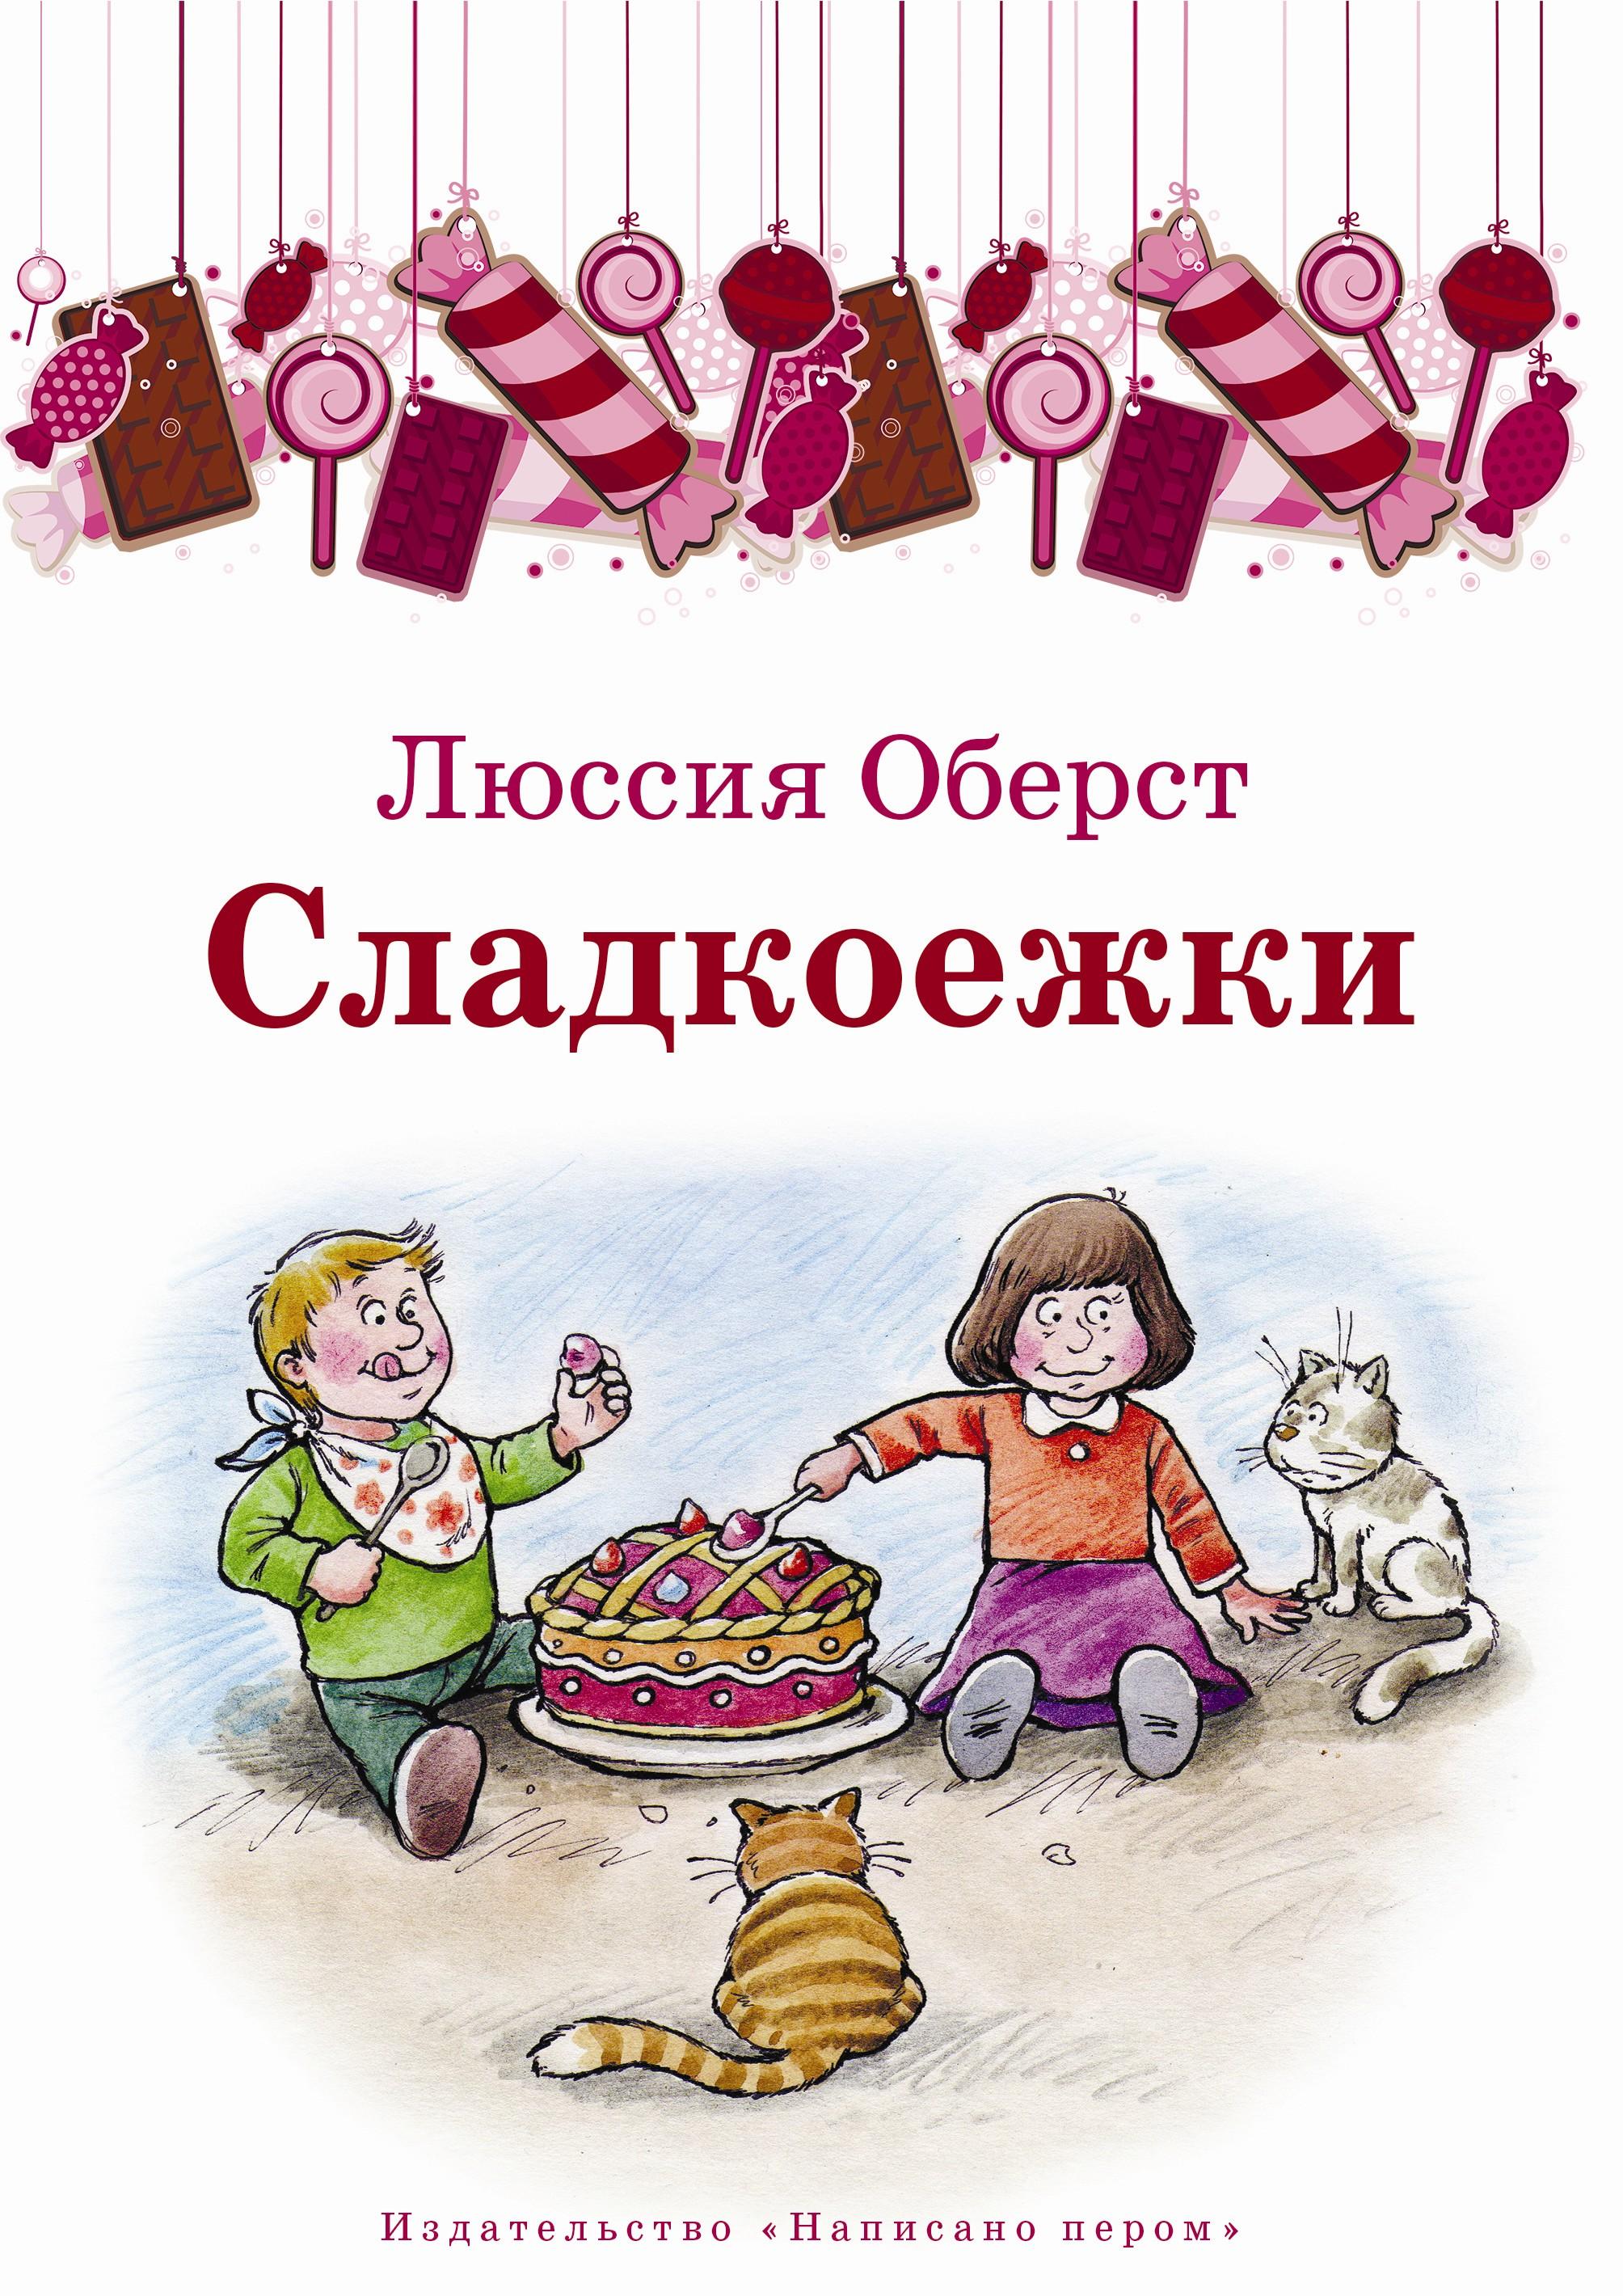 Люссия Оберст Сладкоежки (сборник) люссия оберст сладкоежки сборник